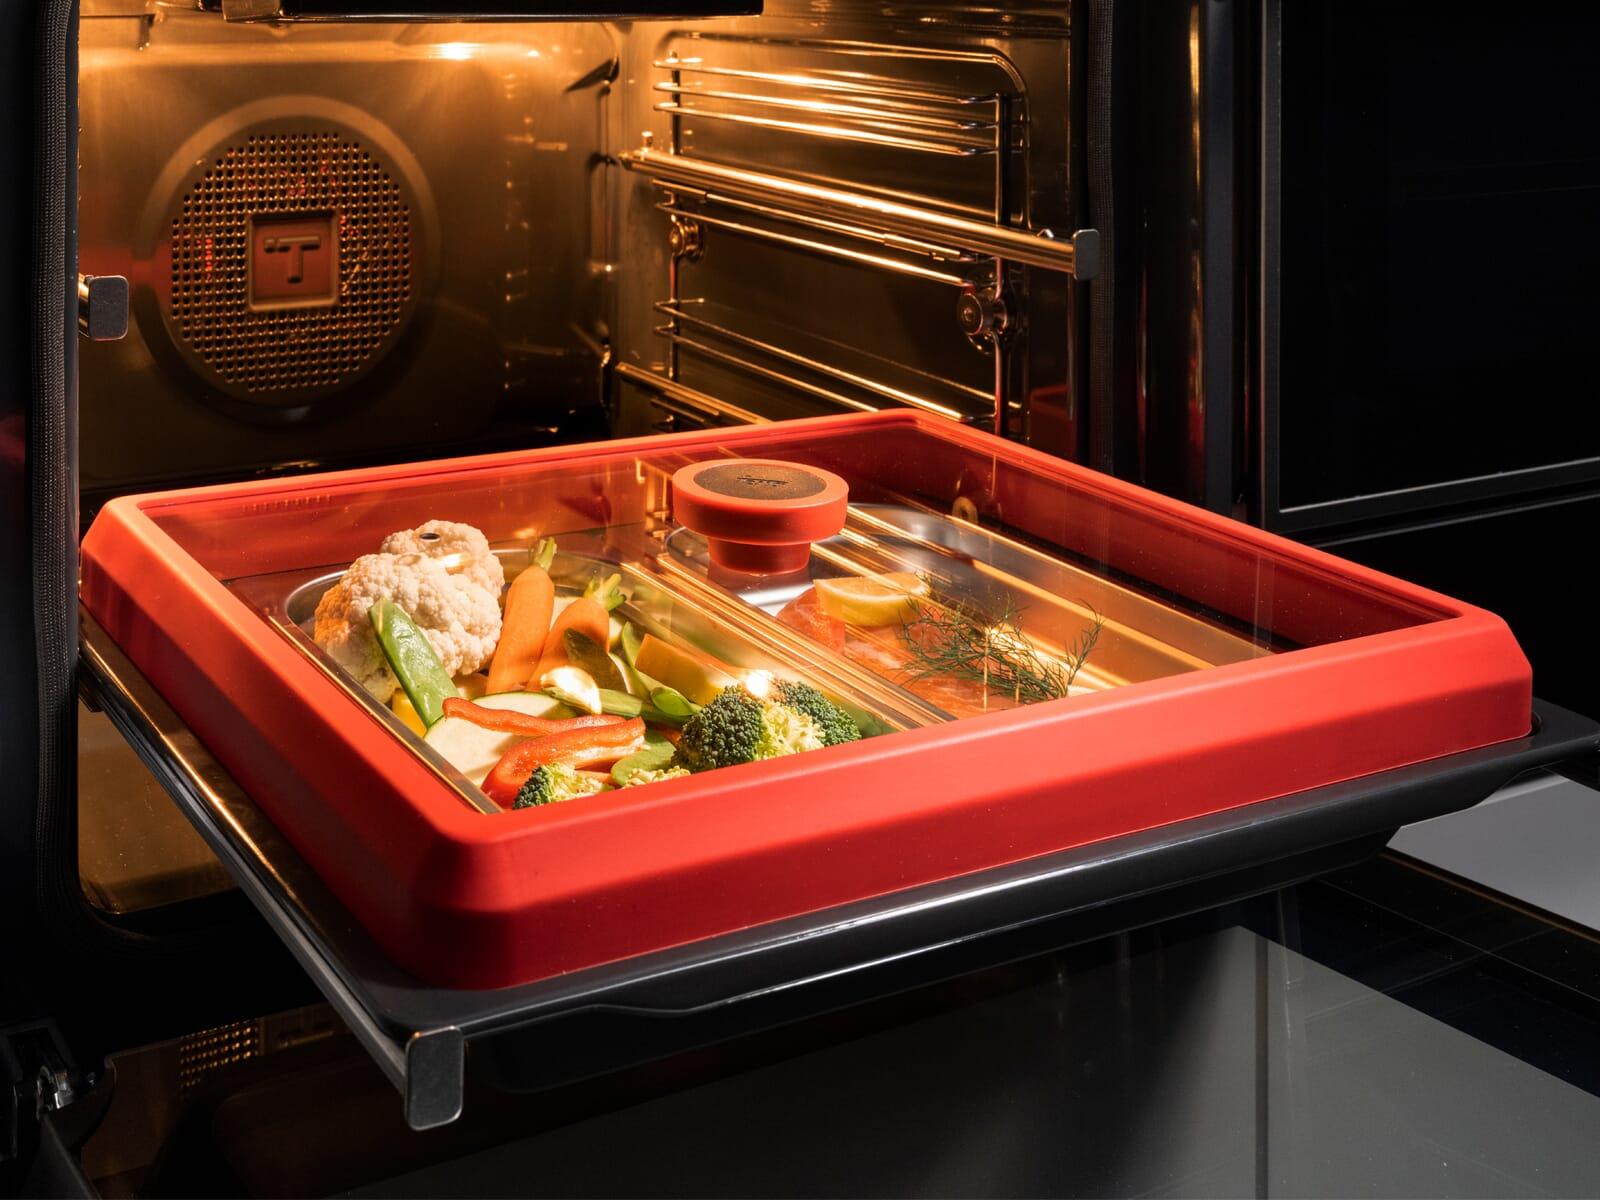 Teka Multicook Dampfgareinsatz SteakMaster